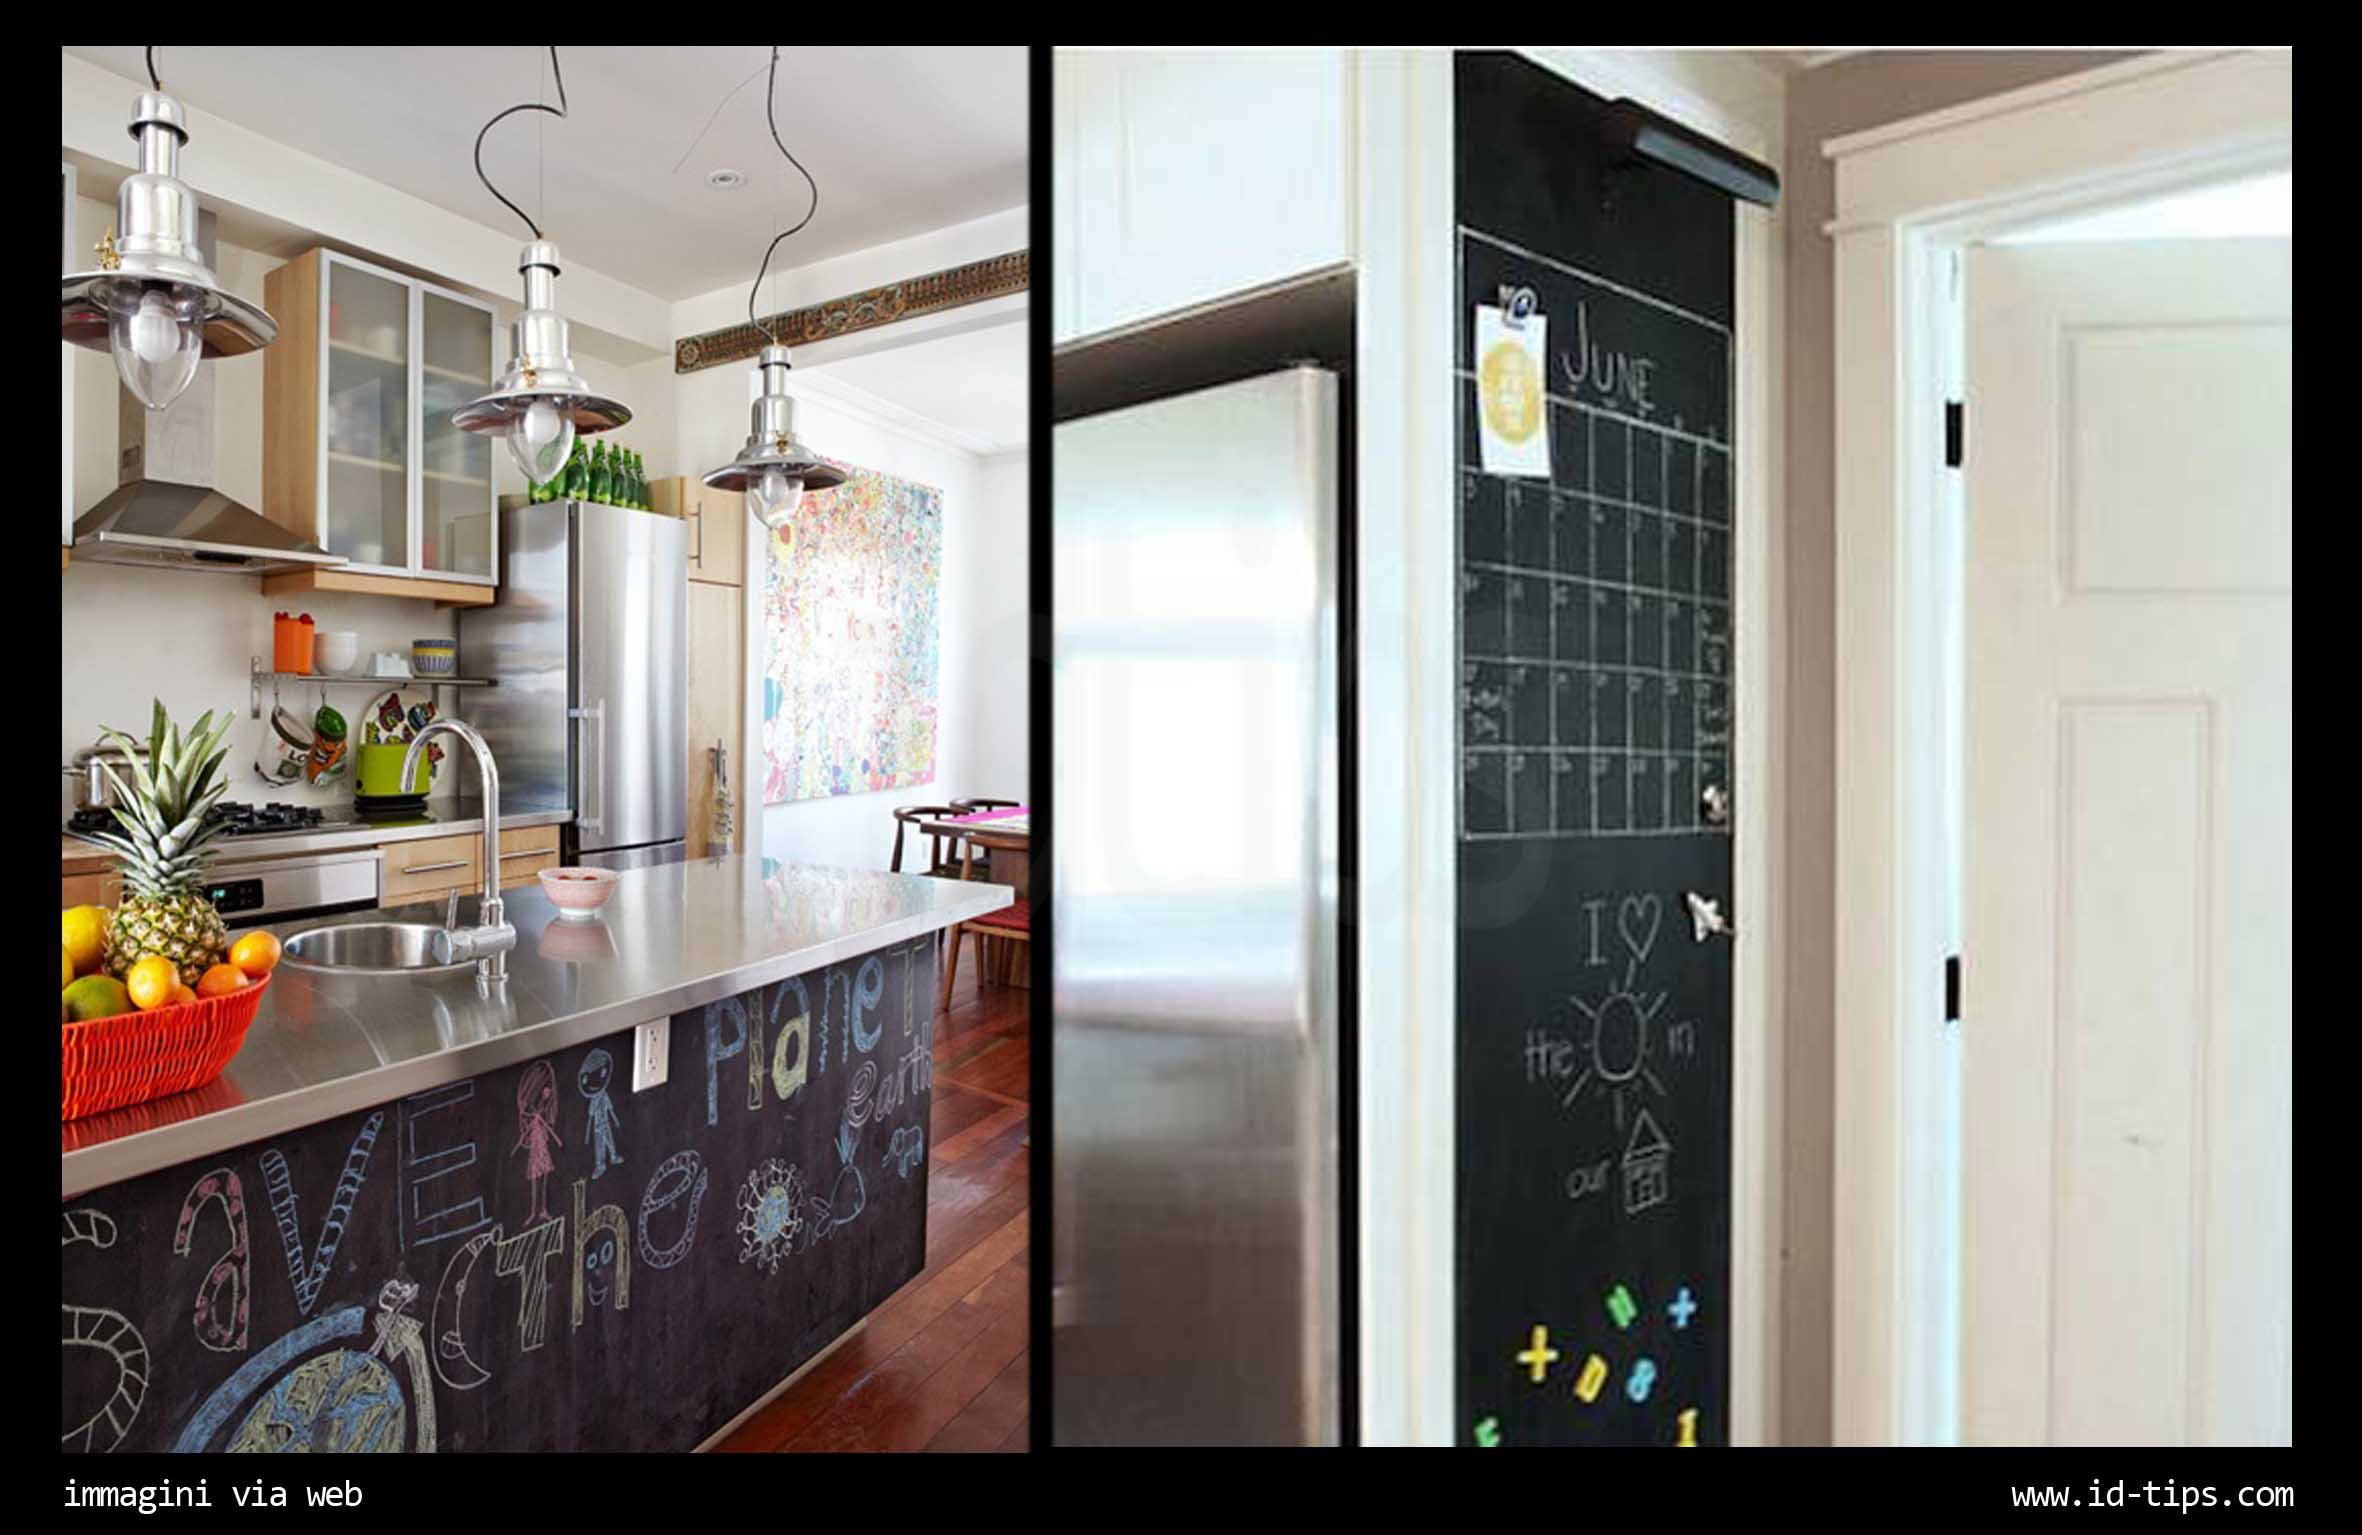 Parete Di Lavagna In Cucina : Lavagna in cucina lavagna menu cucina with lavagna in cucina